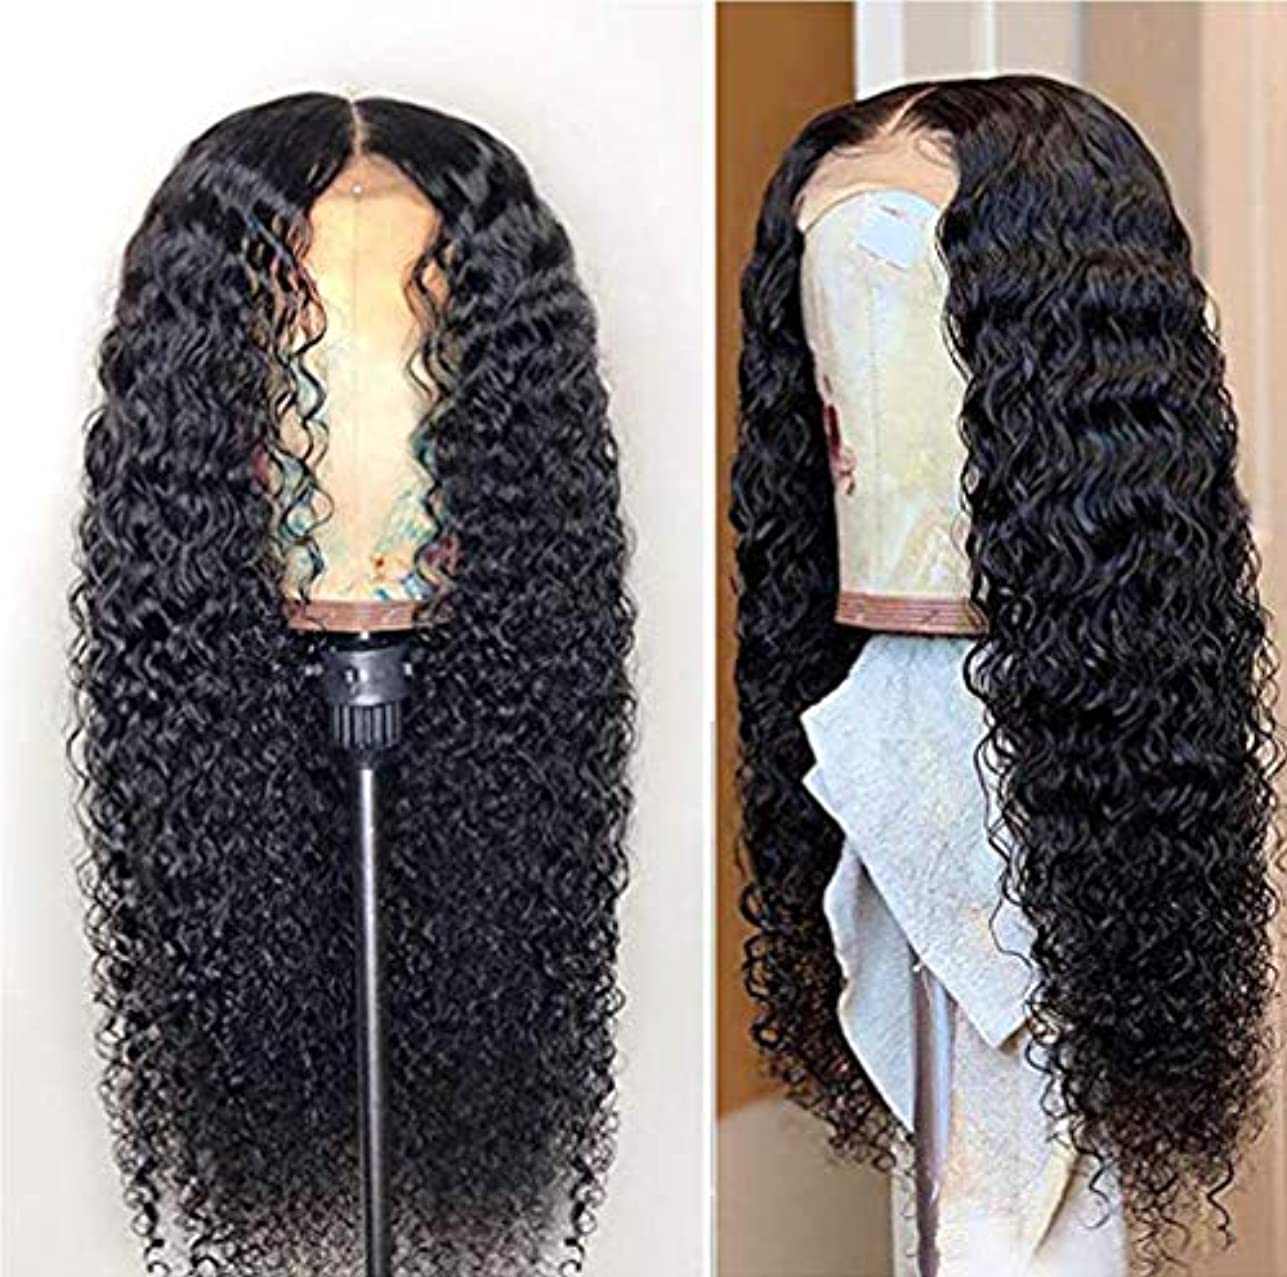 ベース区画特殊女性150%密度フロントレースかつら耐熱合成長い髪の合成かつら側部かつら